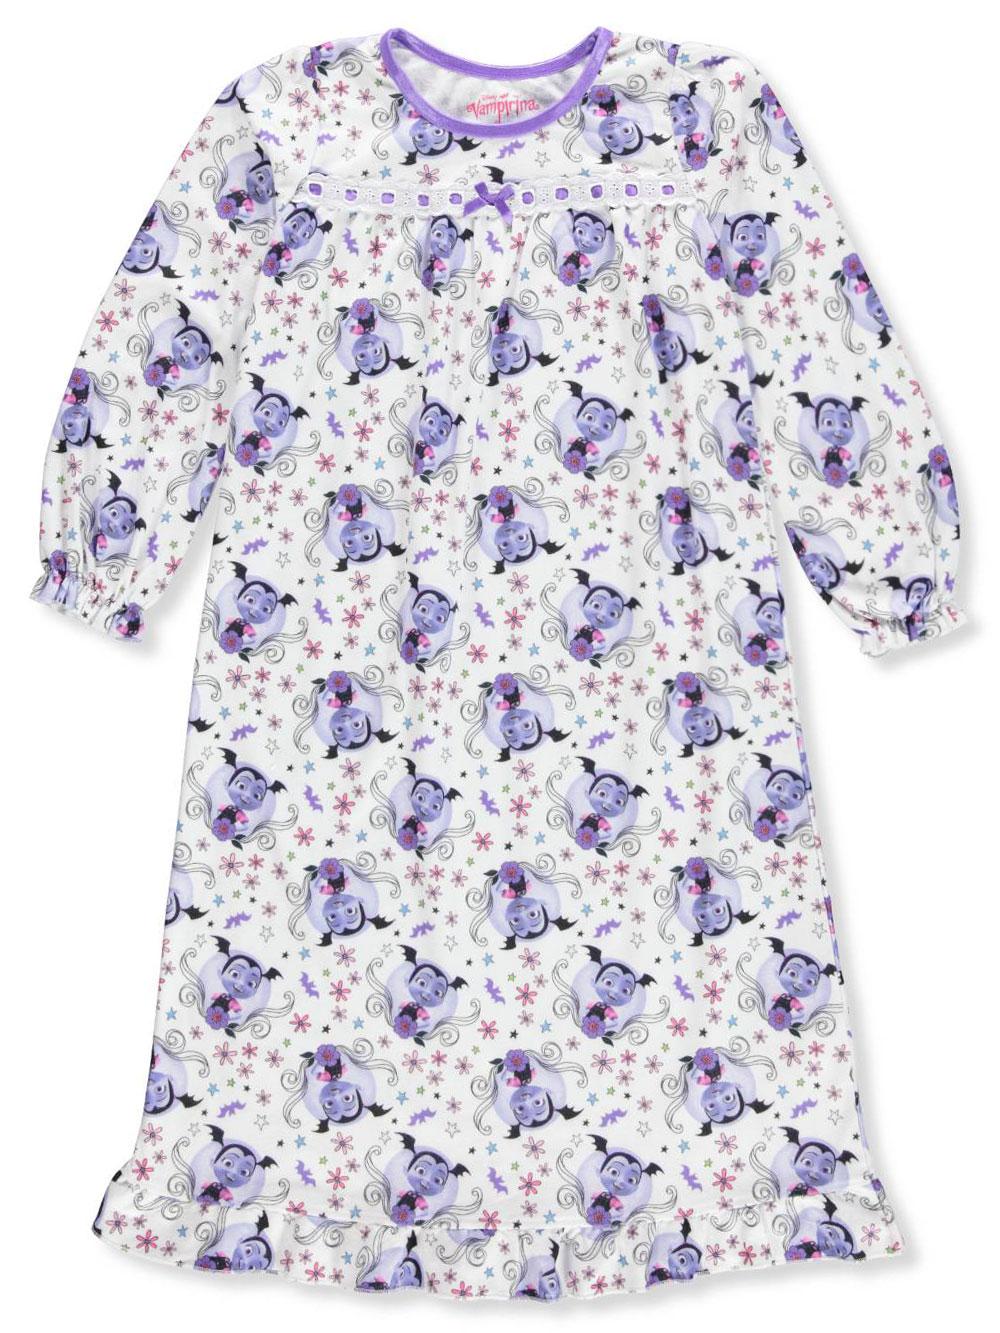 4887edcff Disney Vampirina Girls' Nightgown